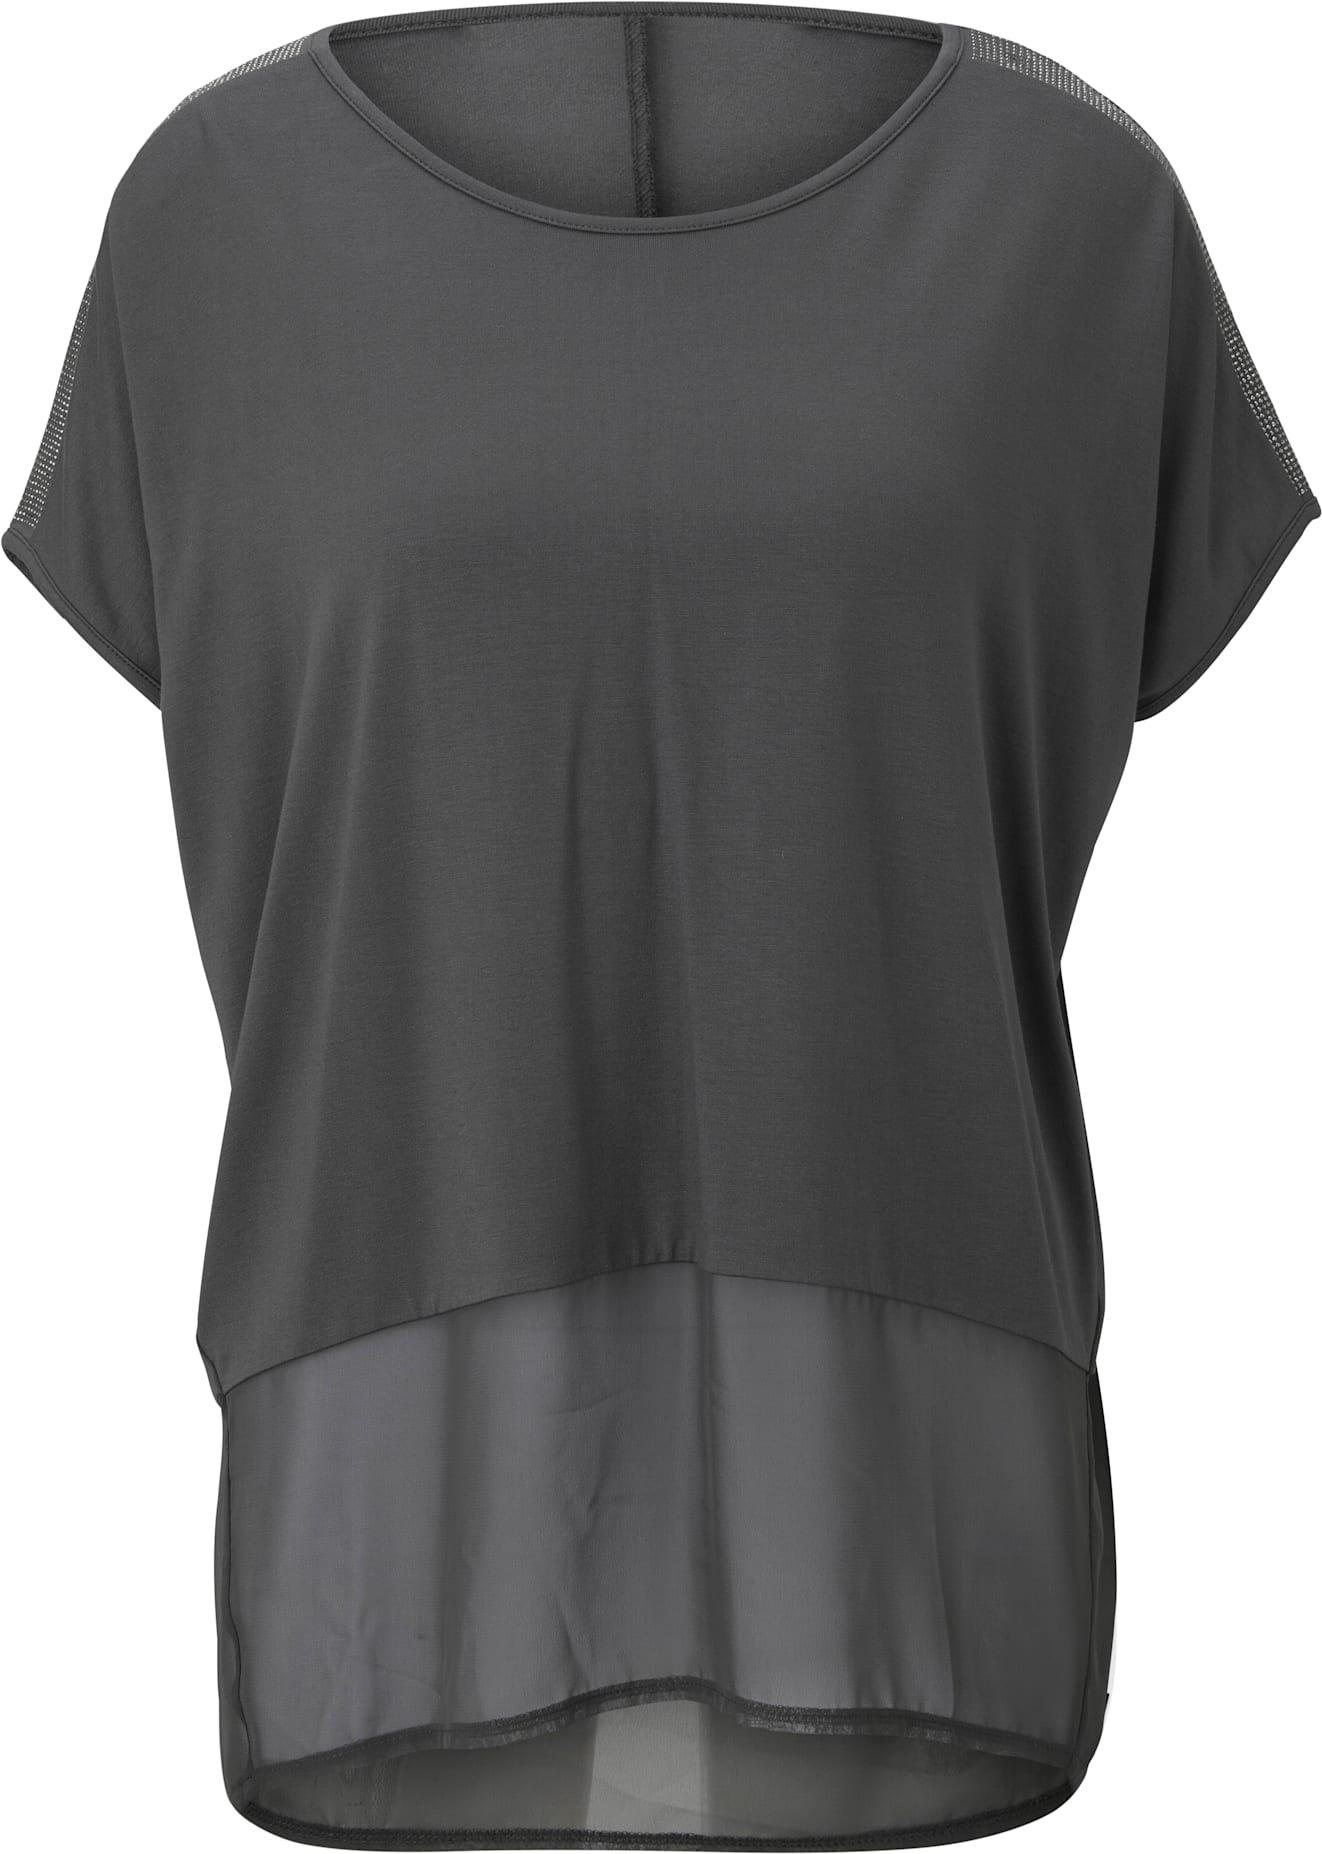 RICK CARDONA by Heine shirt met ronde hals veilig op otto.nl kopen